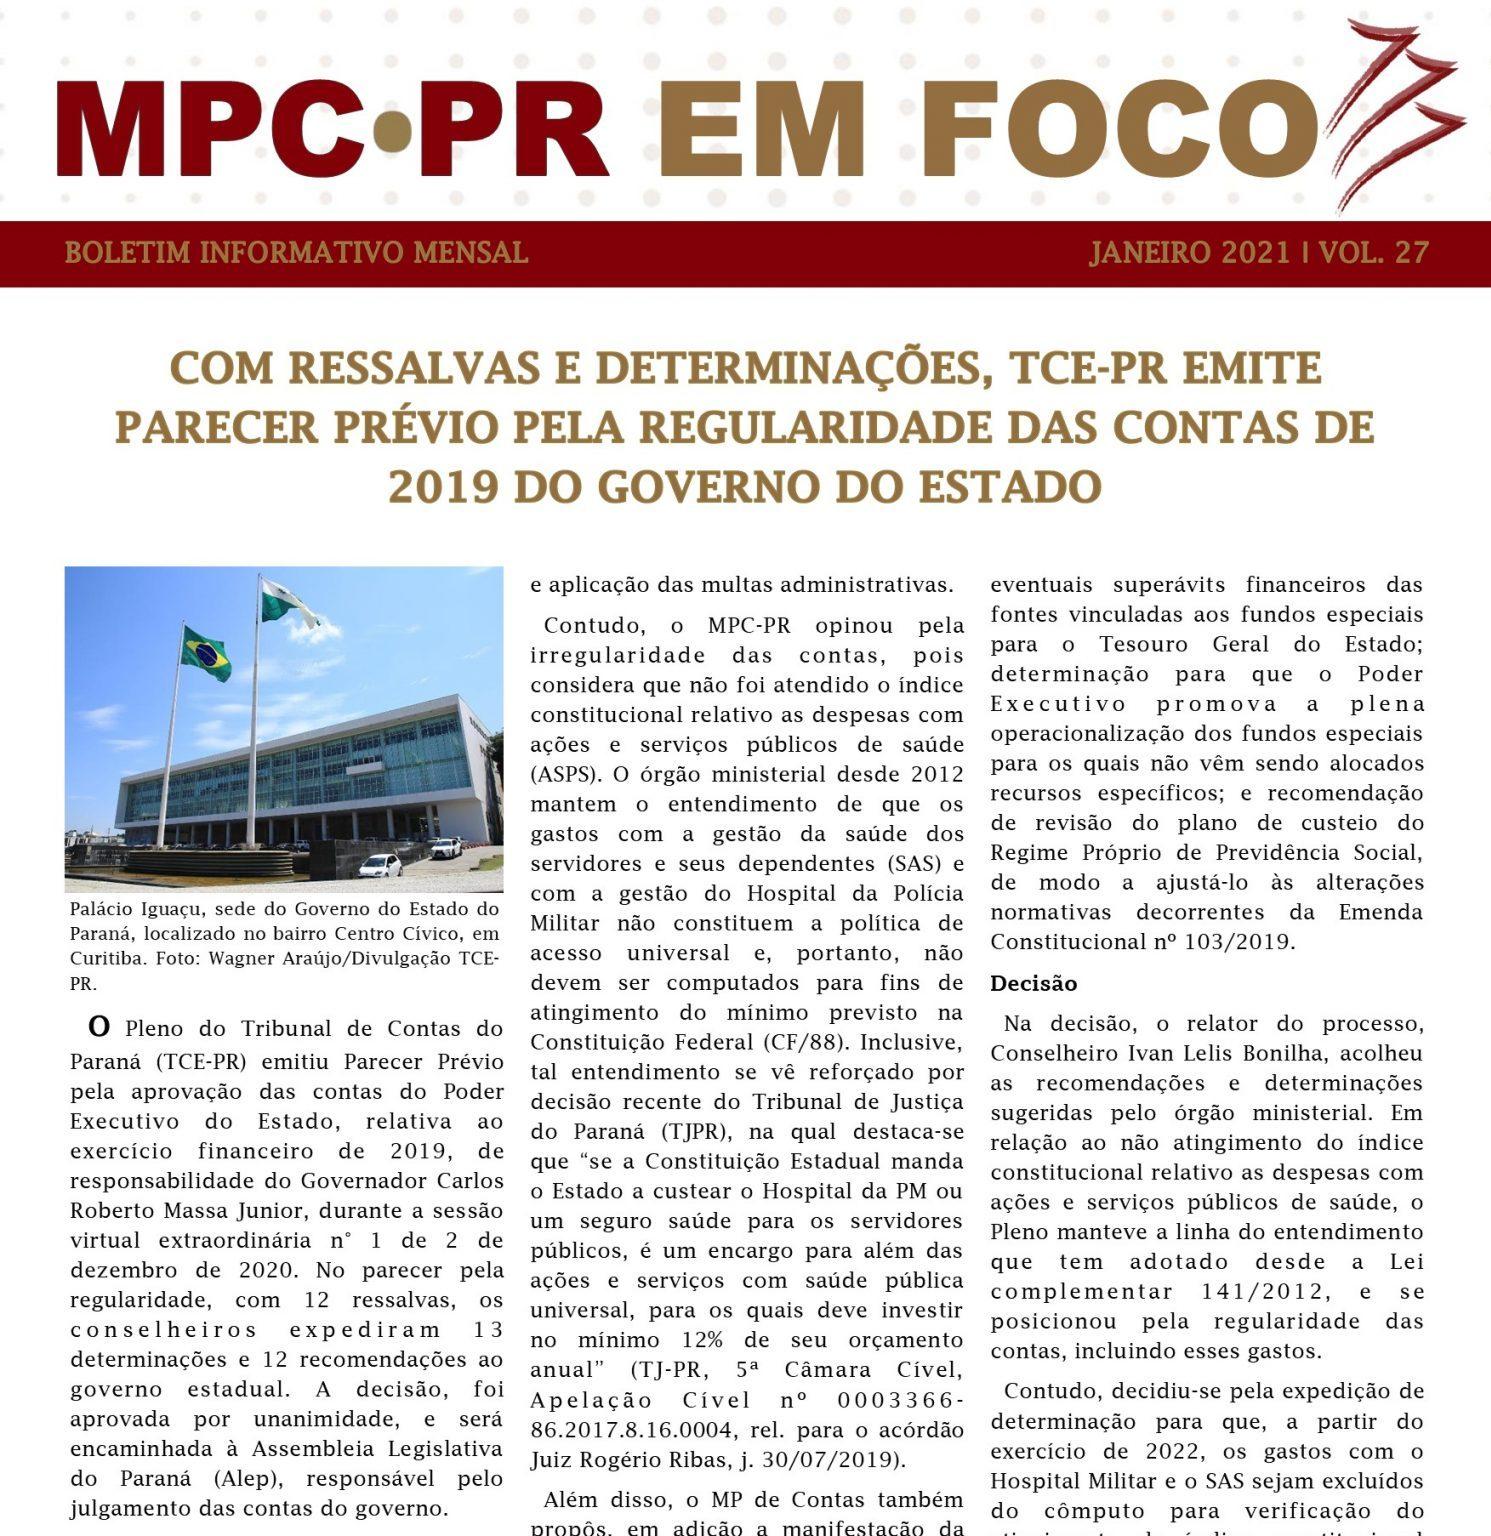 Boletim Informativo MPC-PR em Foco janeiro/2021